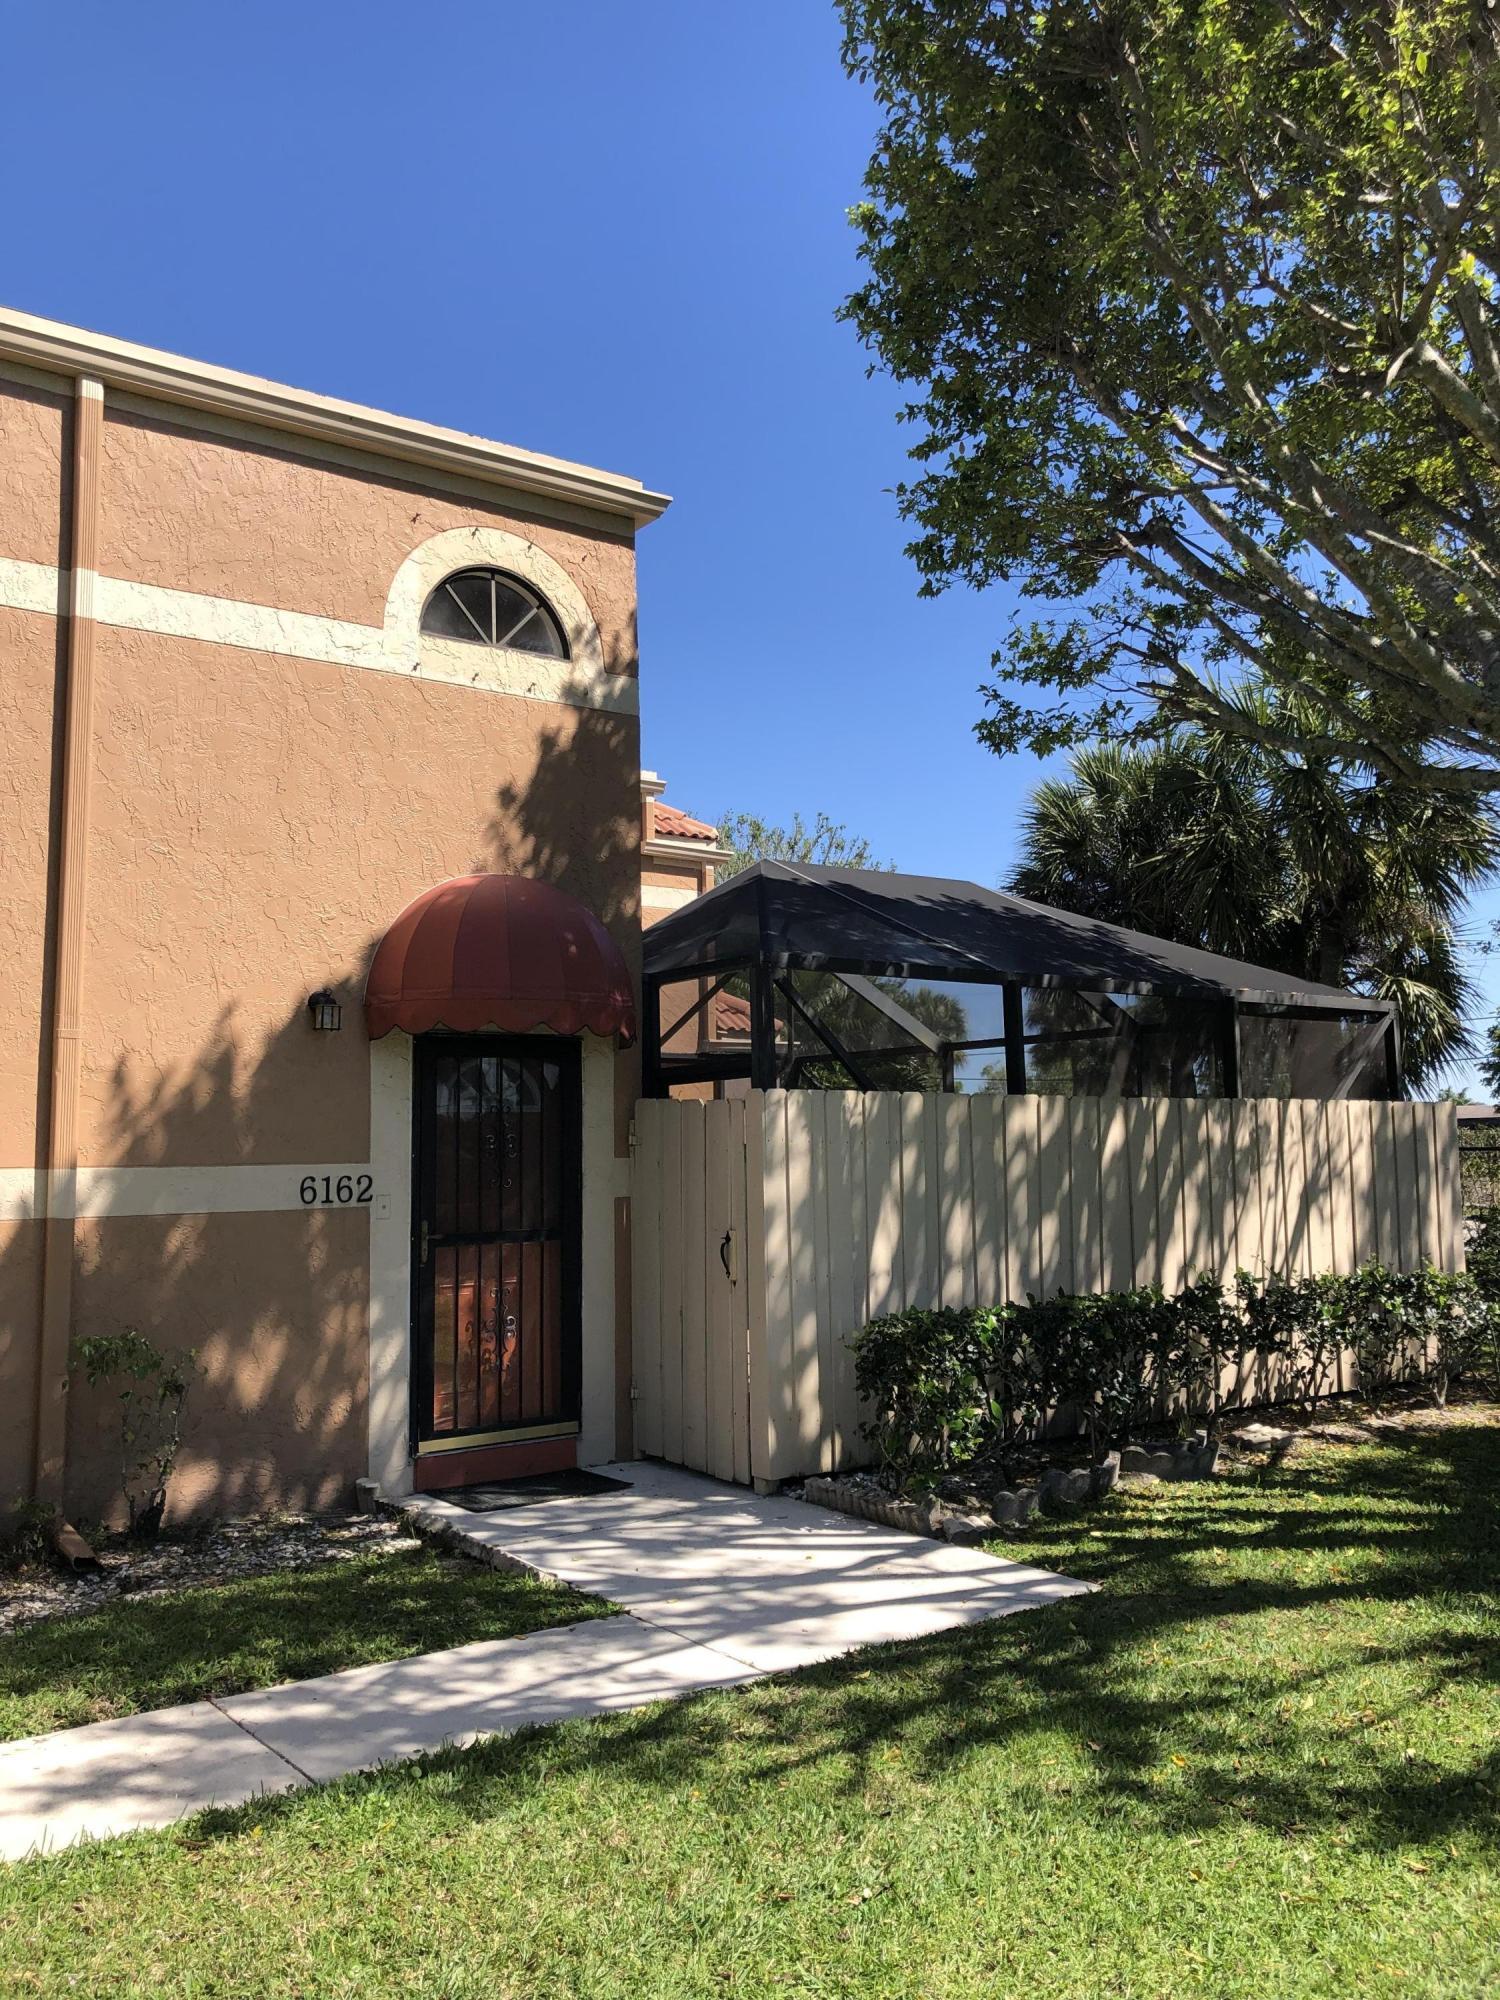 6162 Seven Springs Boulevard, Greenacres, Florida 33463, 3 Bedrooms Bedrooms, ,3 BathroomsBathrooms,Condo/Coop,For Sale,Seven Springs,26,RX-10515306